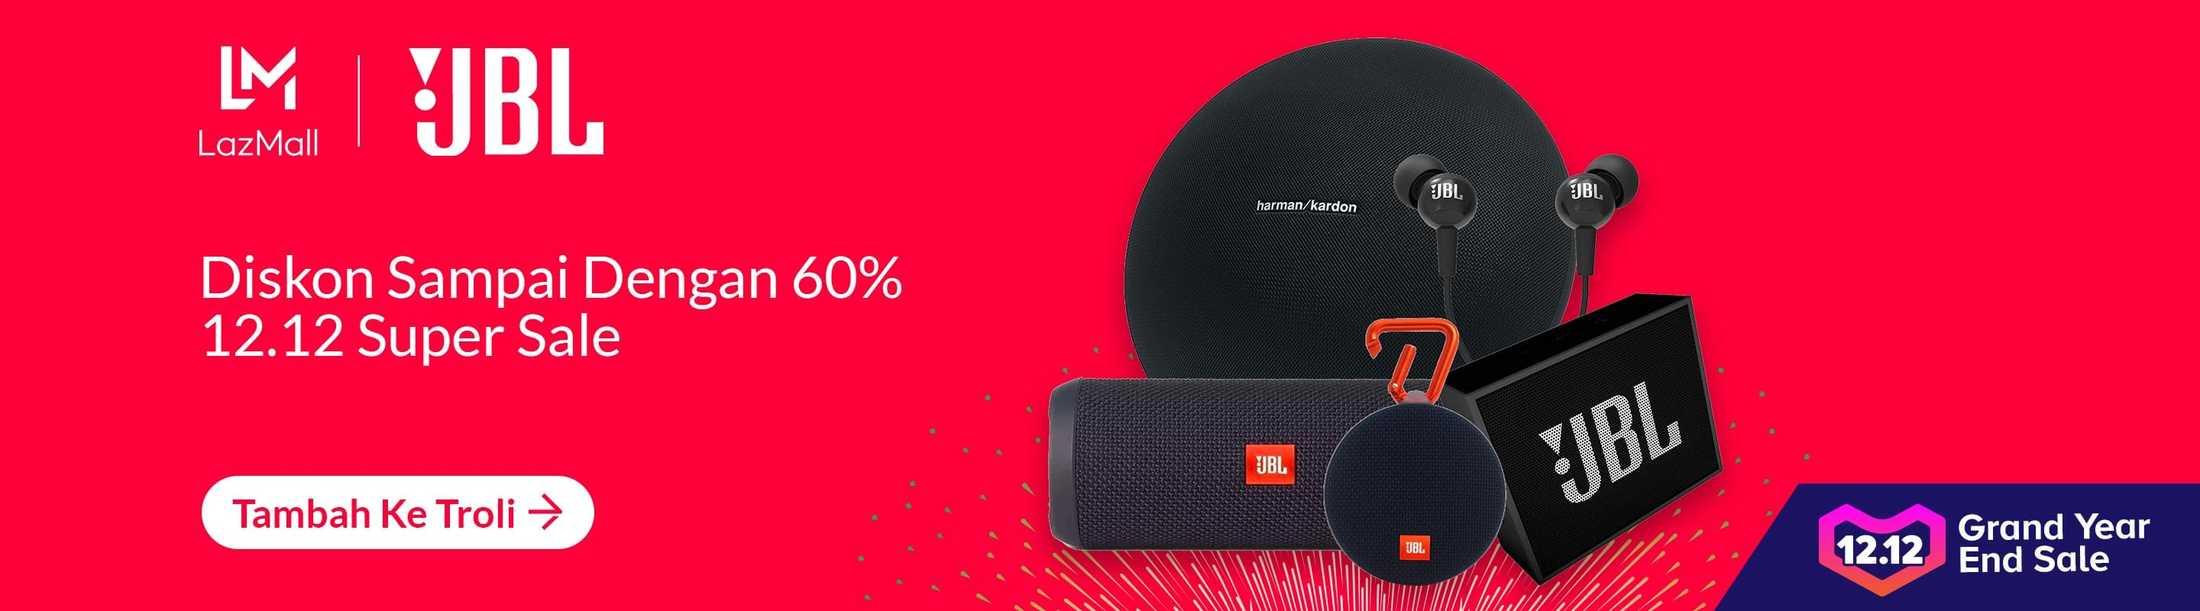 Lazada Promo JBL Store, Diskon Hingga 60%